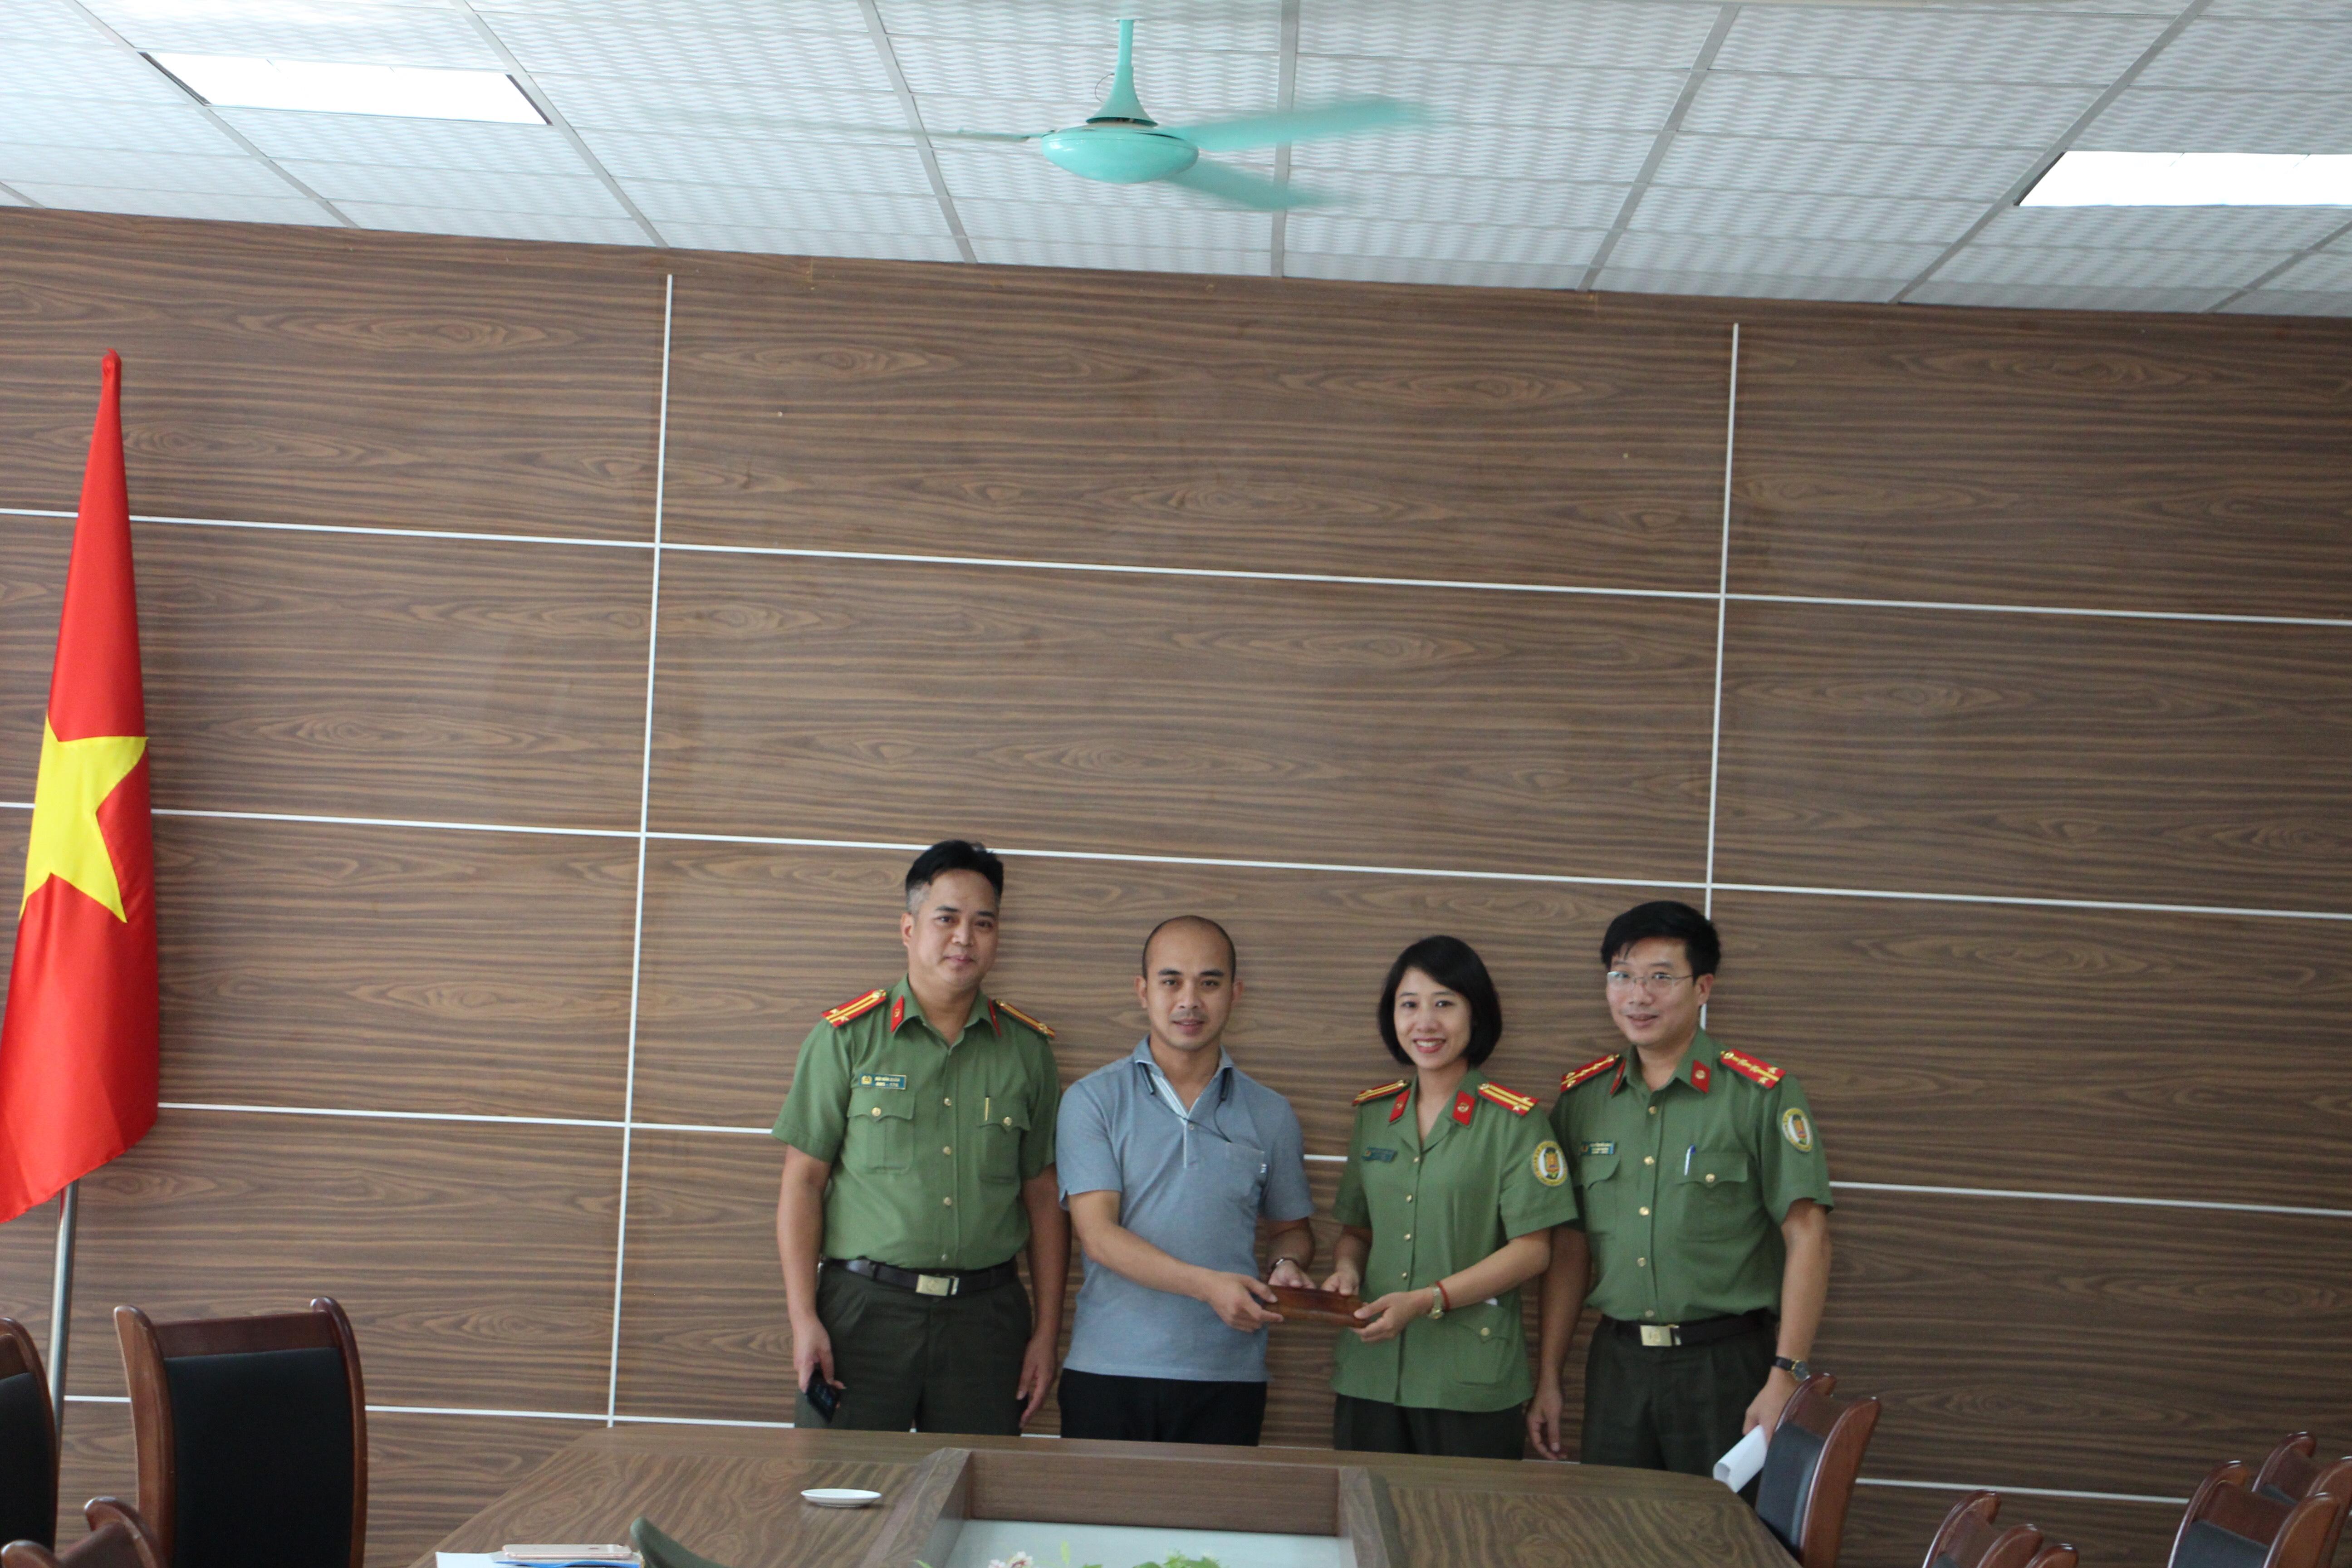 Hành khách cảm kích nhận lại 6 chỉ vàng làm rơi ở Sân bay Nội Bài